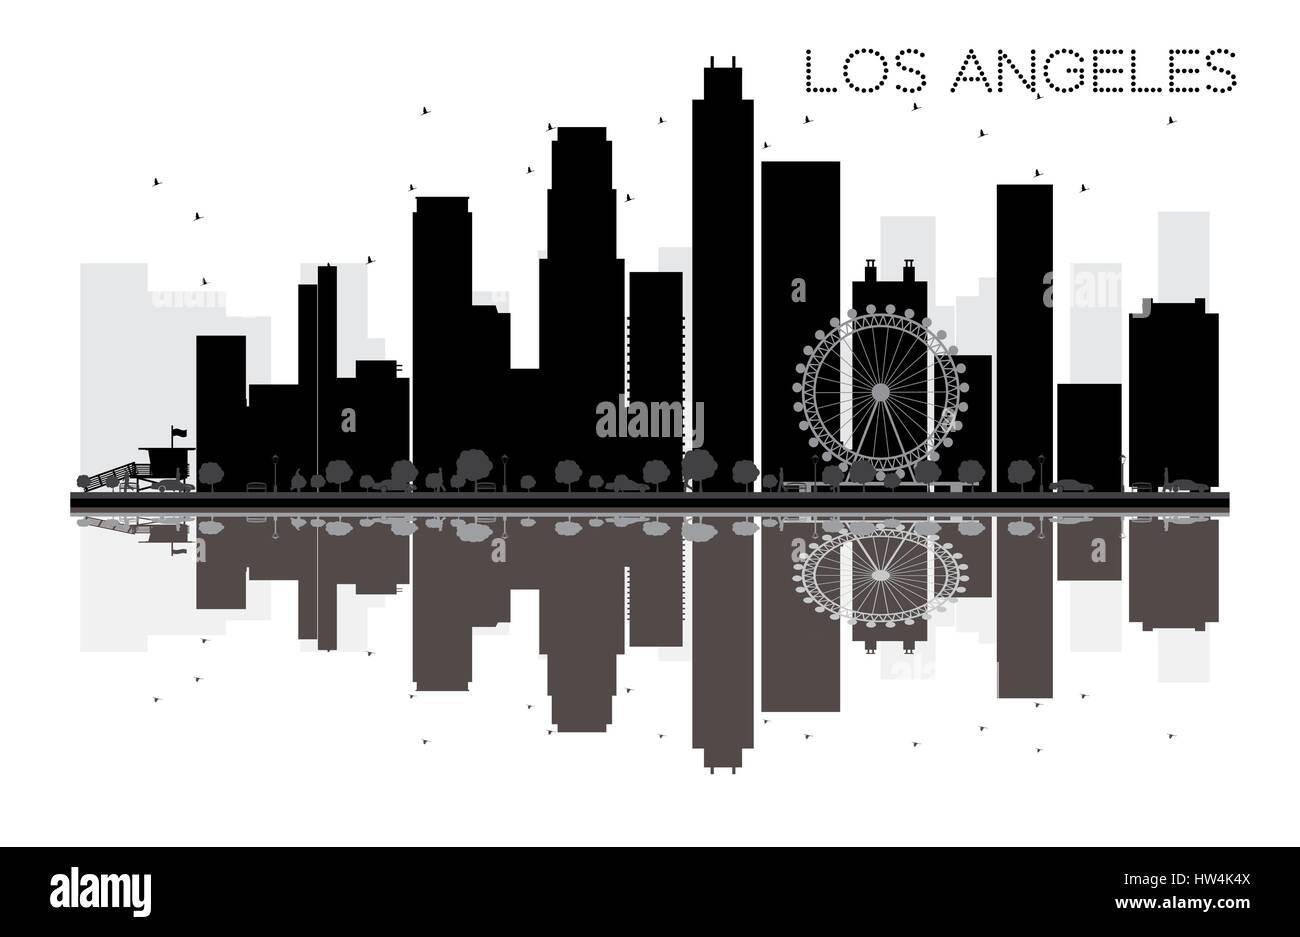 los angeles skyline der stadt schwarze und weiße silhouette mit reflexion.  vector illustration. einfache flache konzept für tourismus präsentation,  banner stock-vektorgrafik - alamy  alamy